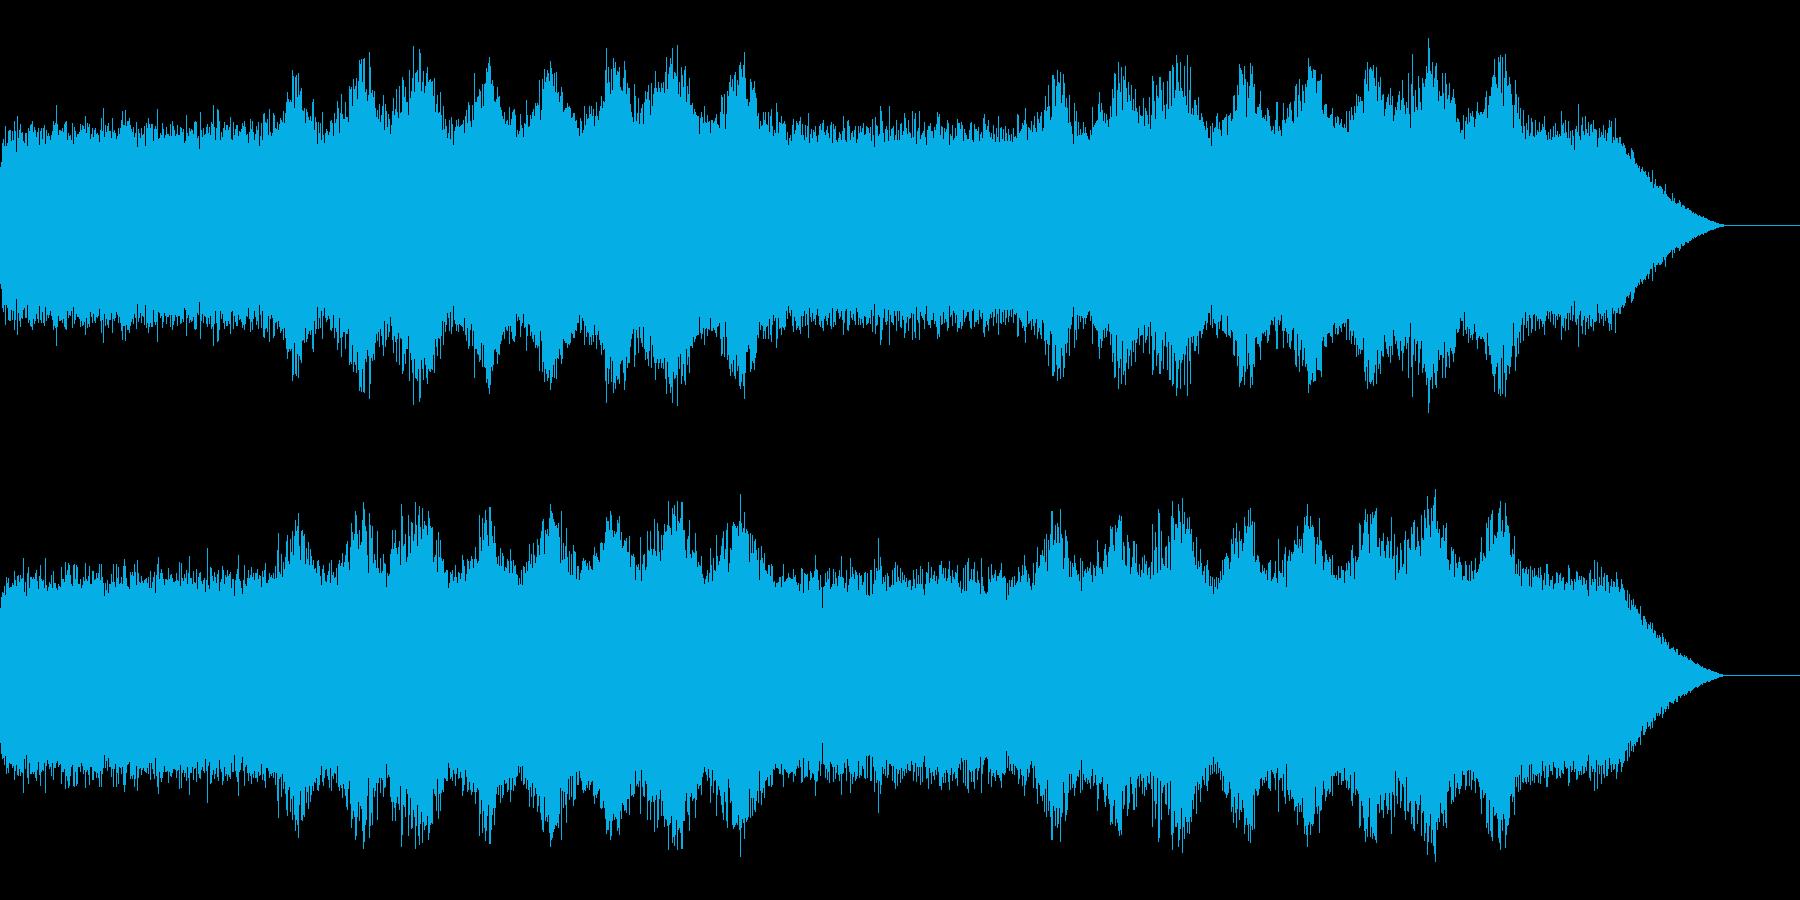 ホラーや不気味なシーンでのBGMの再生済みの波形